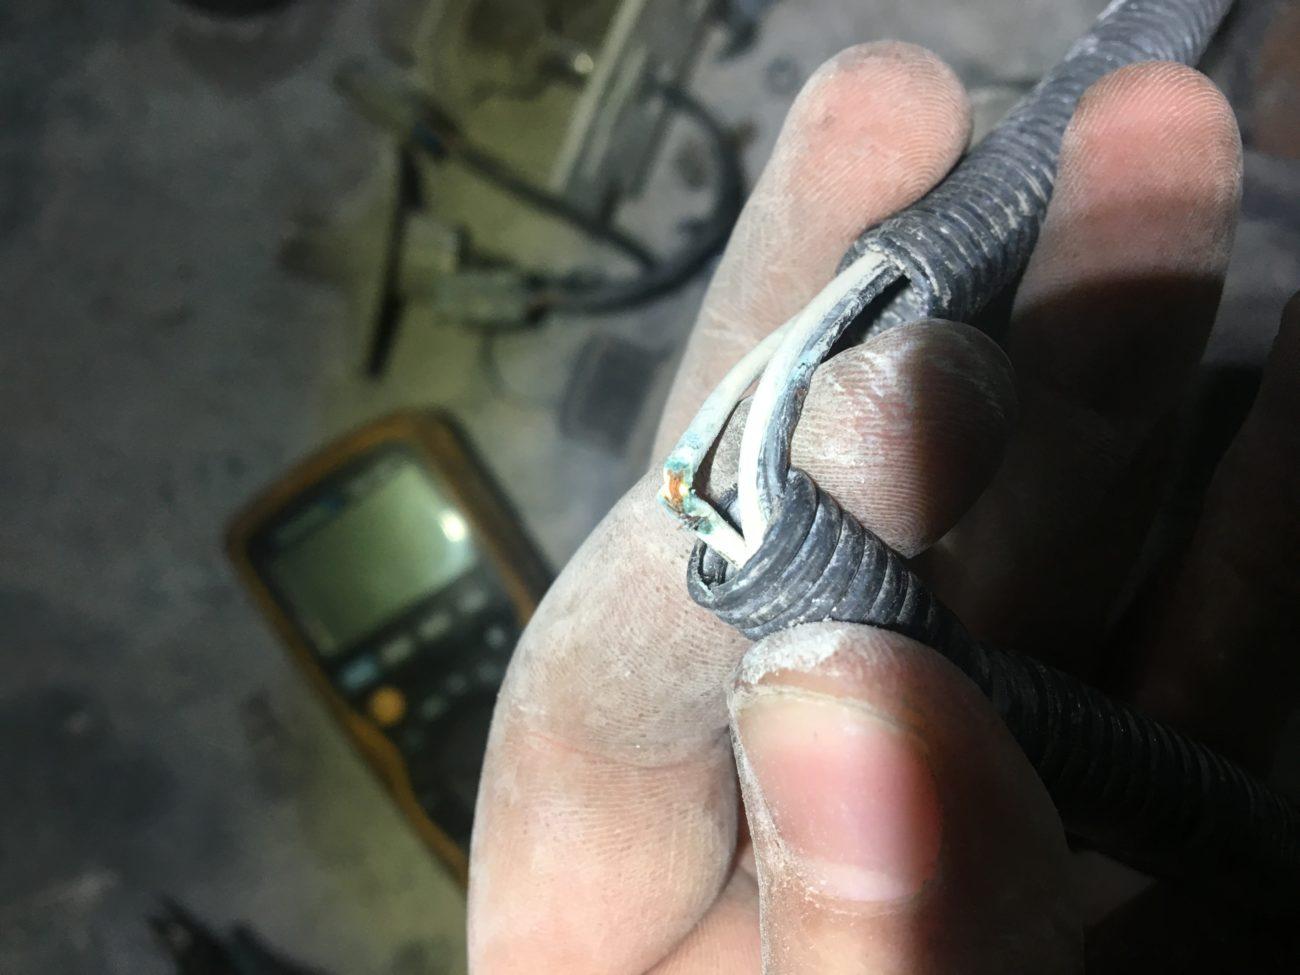 Kabelbruch an Schaufelkipprückstellung von Pneulader